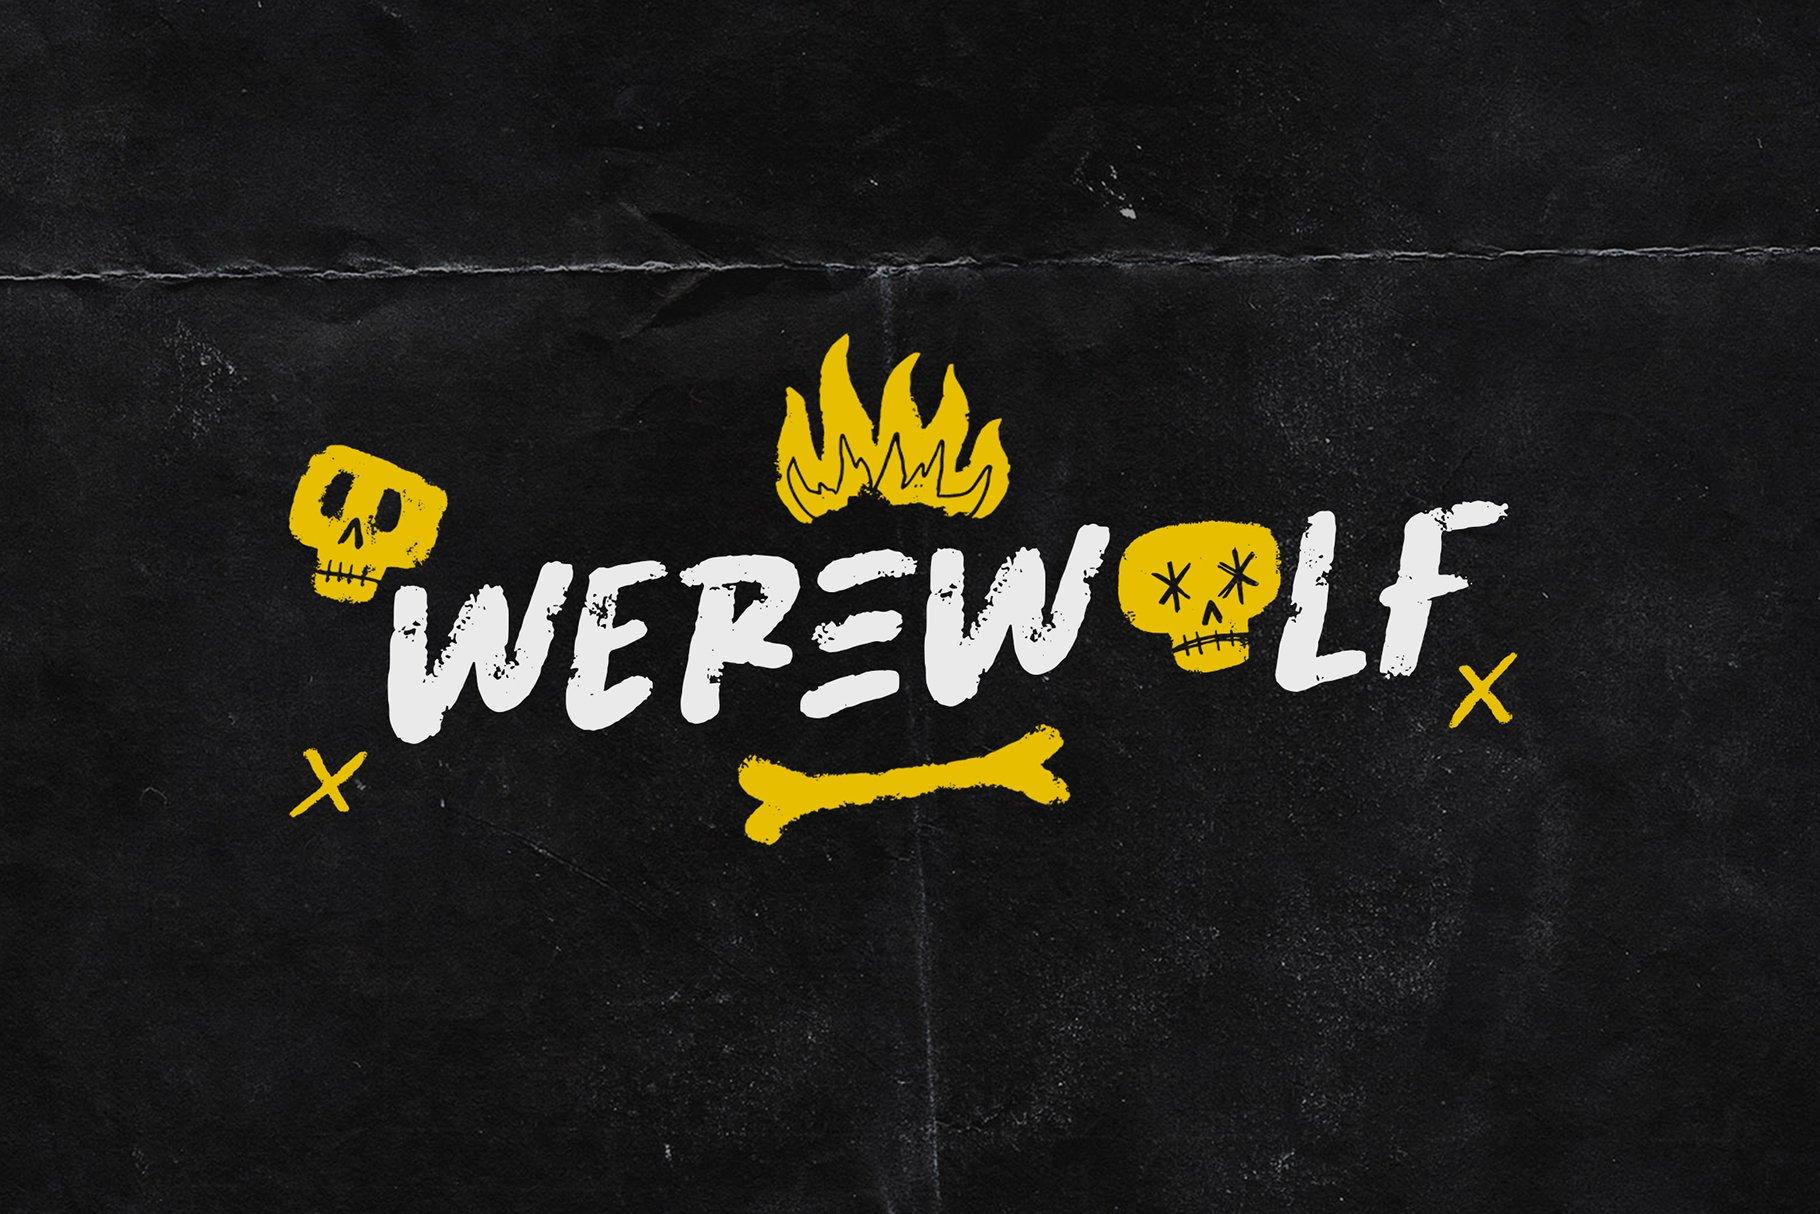 潮流粗糙手写杂志海报品牌Logo标题英文字体设计素材 Abused Font插图3